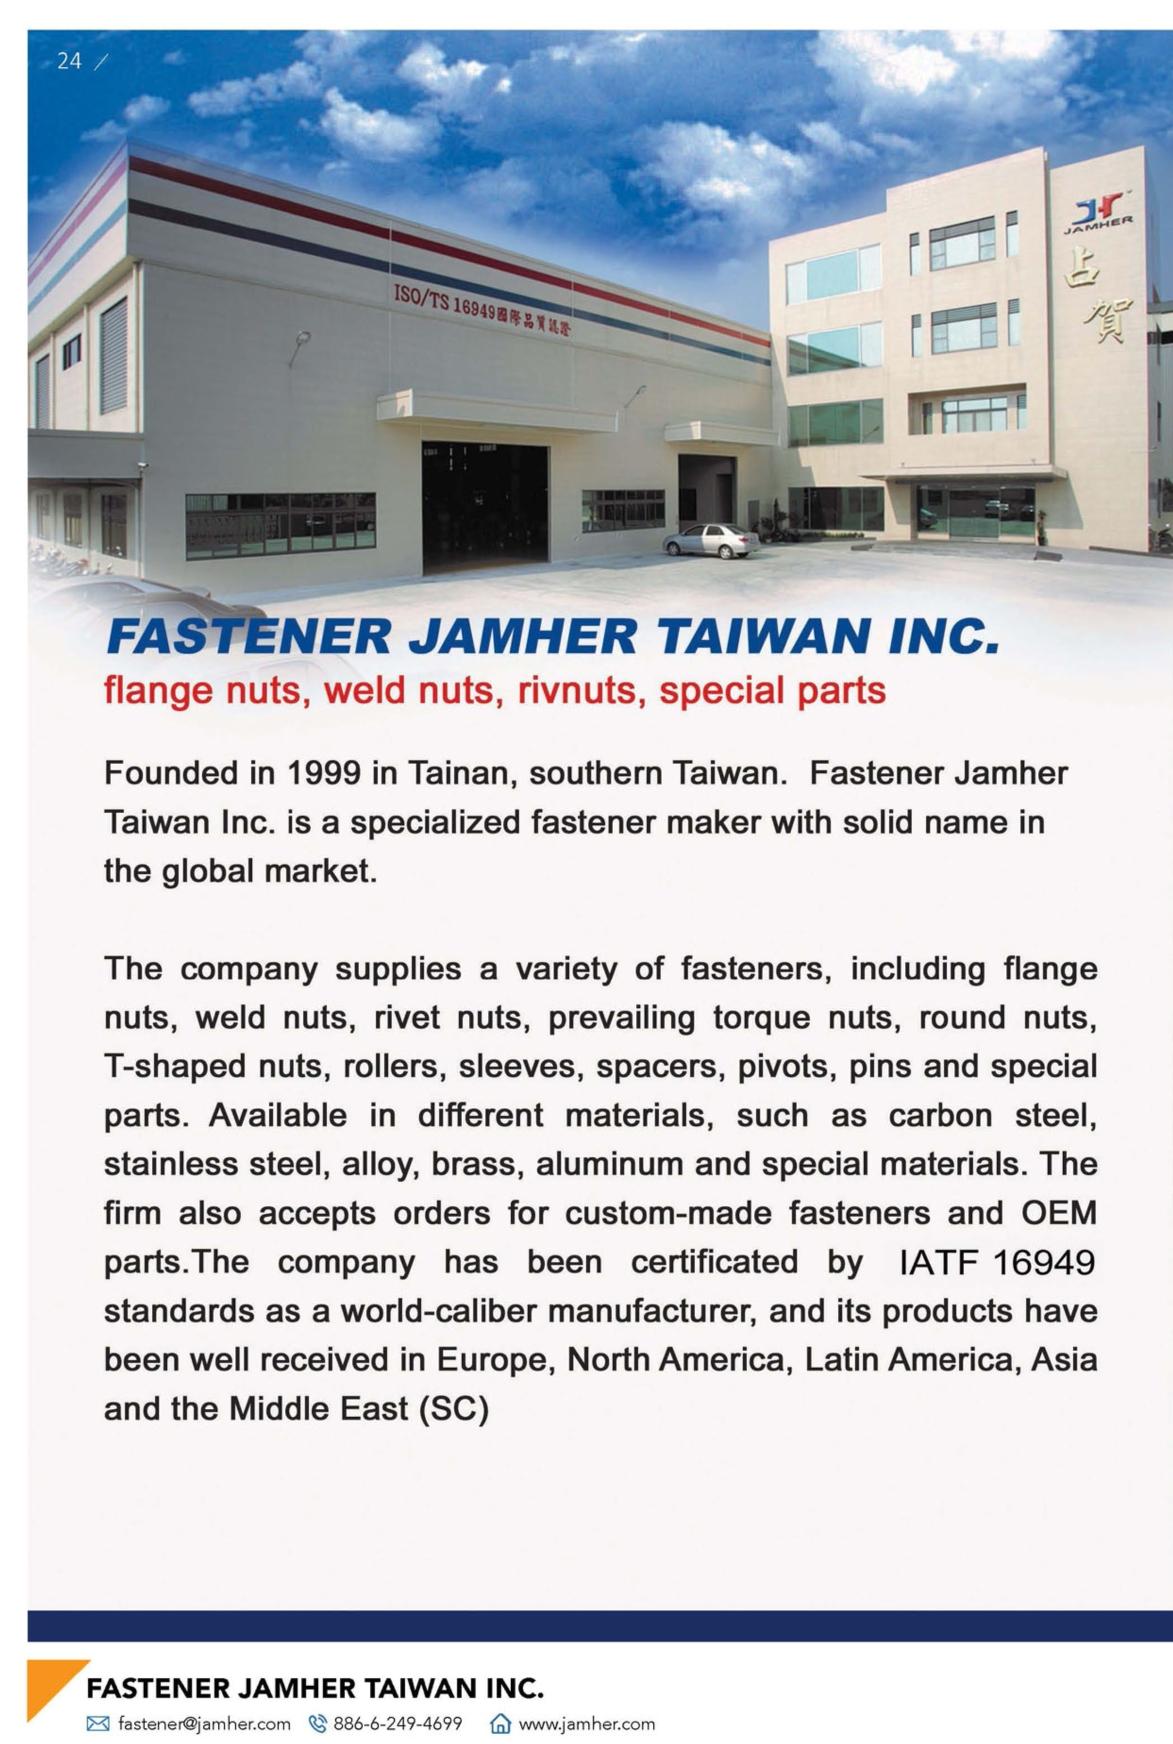 FASTENER JAMHER TAIWAN INC.